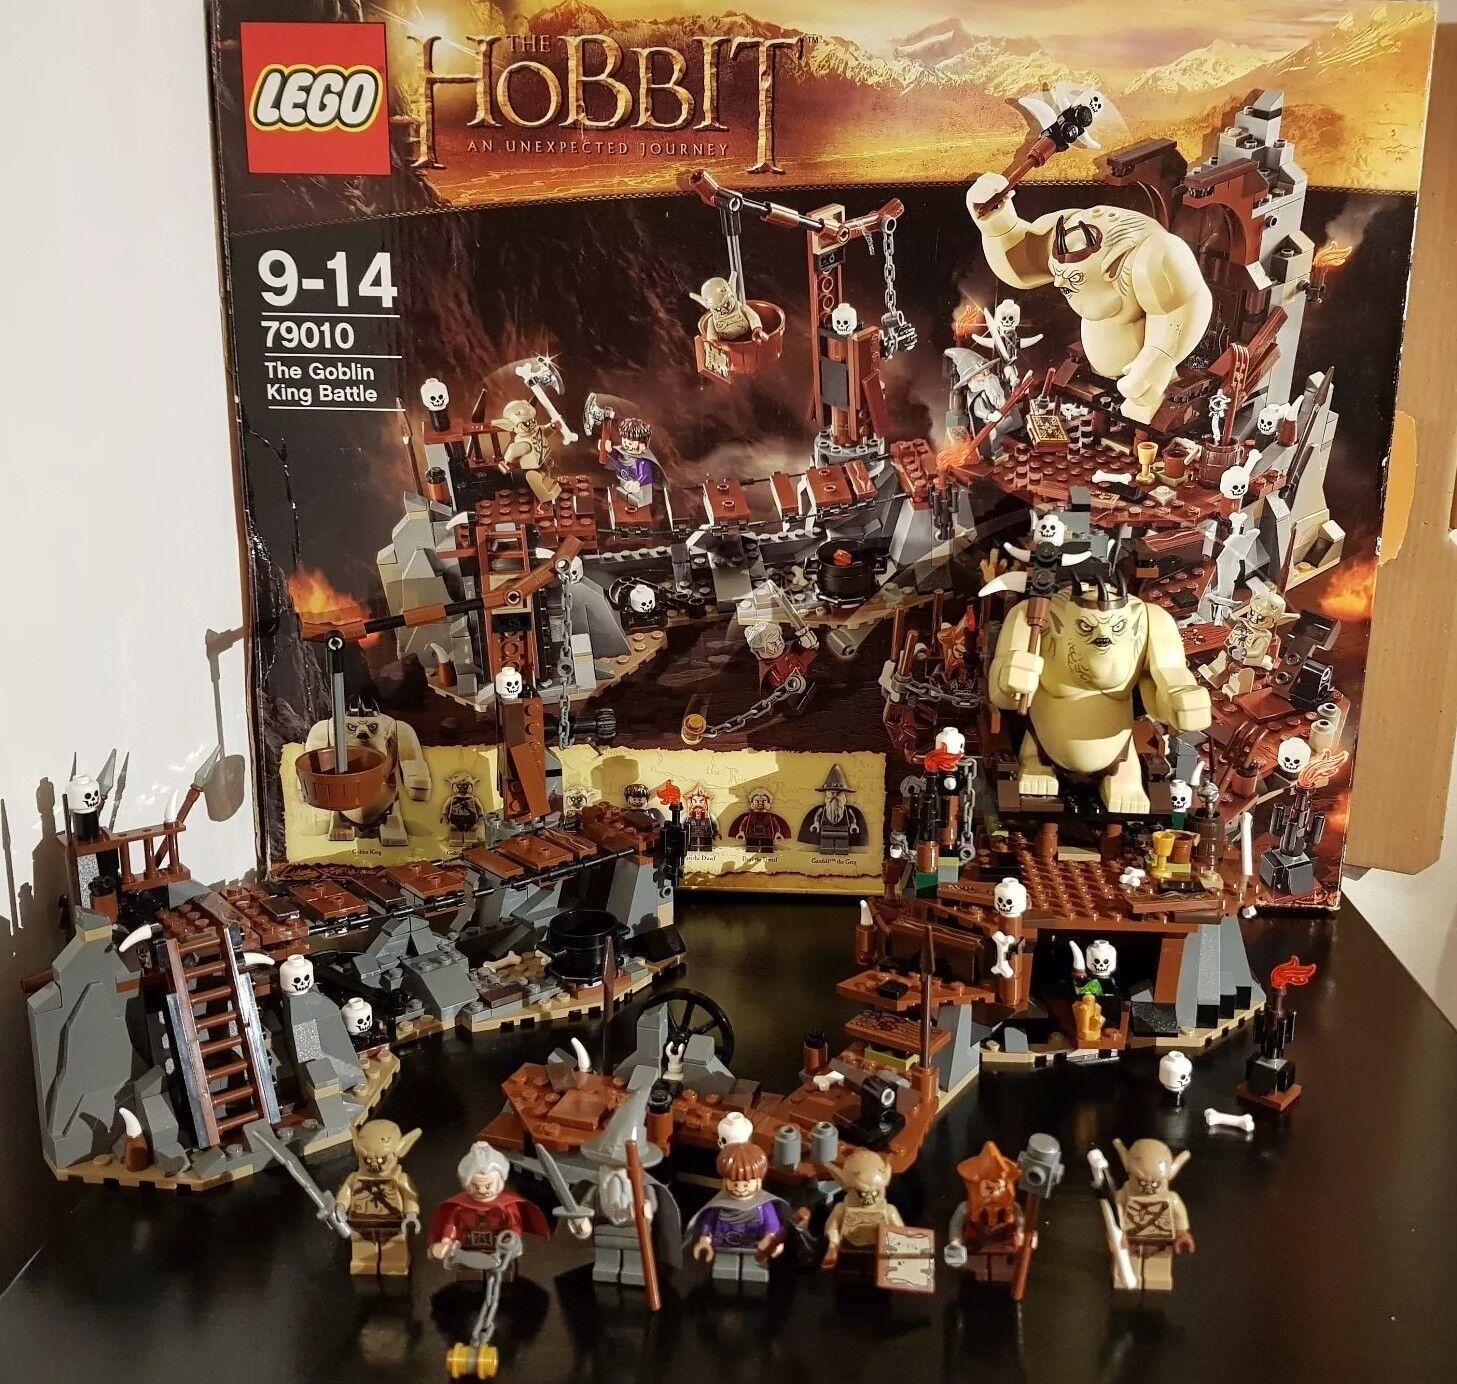 LEGO 79010 Lo Hobbit La battaglia Re Goblin 8 Minifigures Il Signore degli Anelli